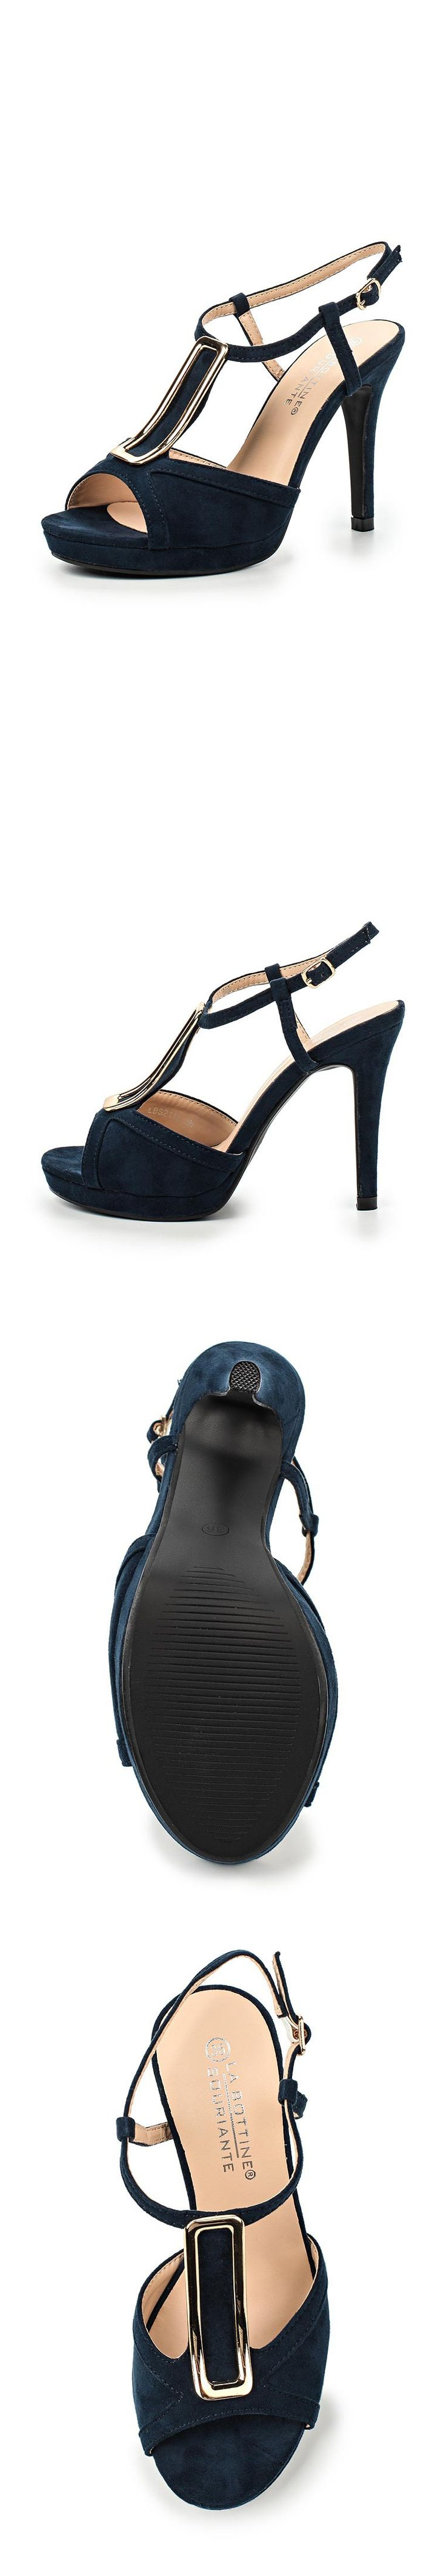 Женская обувь босоножки La Bottine Souriante за 2630.00 руб.